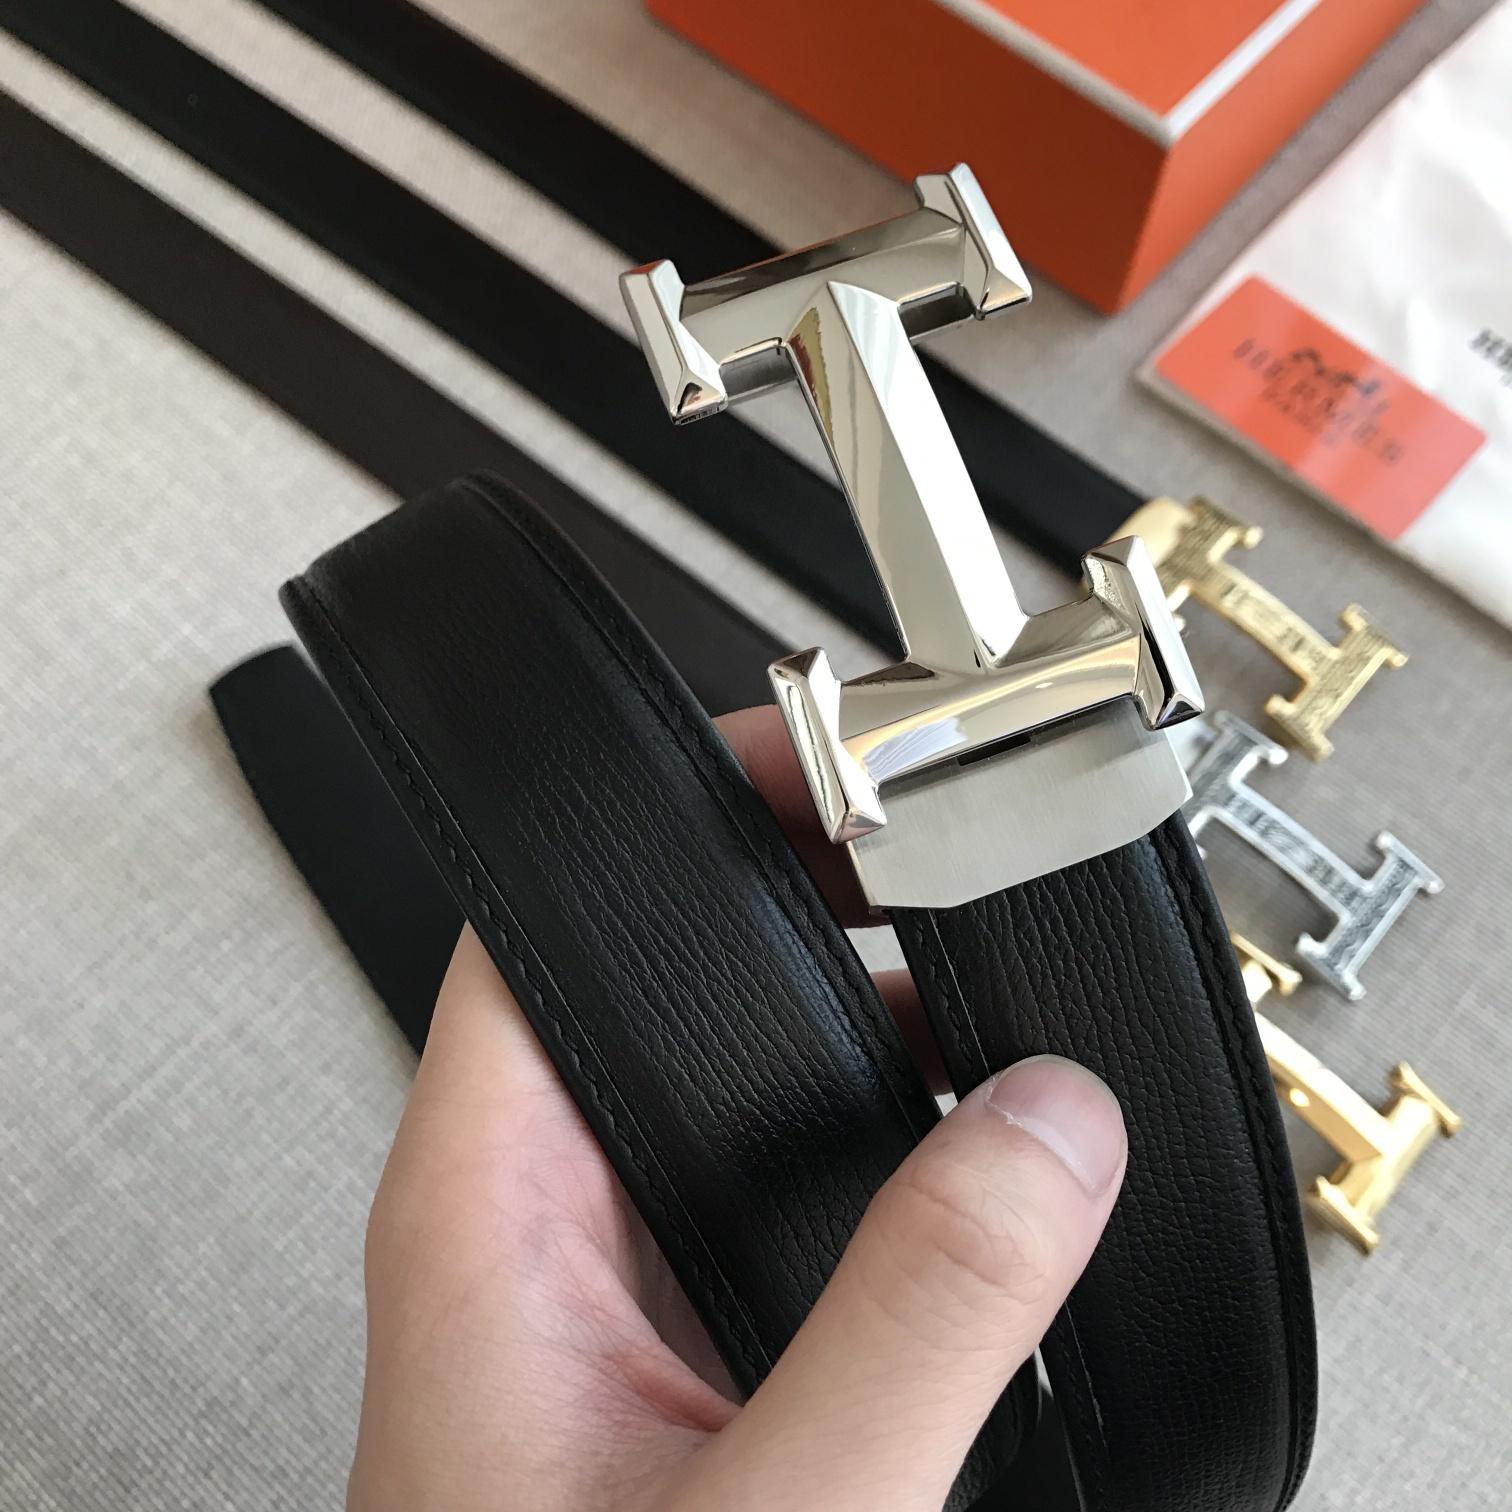 爱马仕Hermes自動平滑帶 原版頭層鯊魚紋腰带(图4)